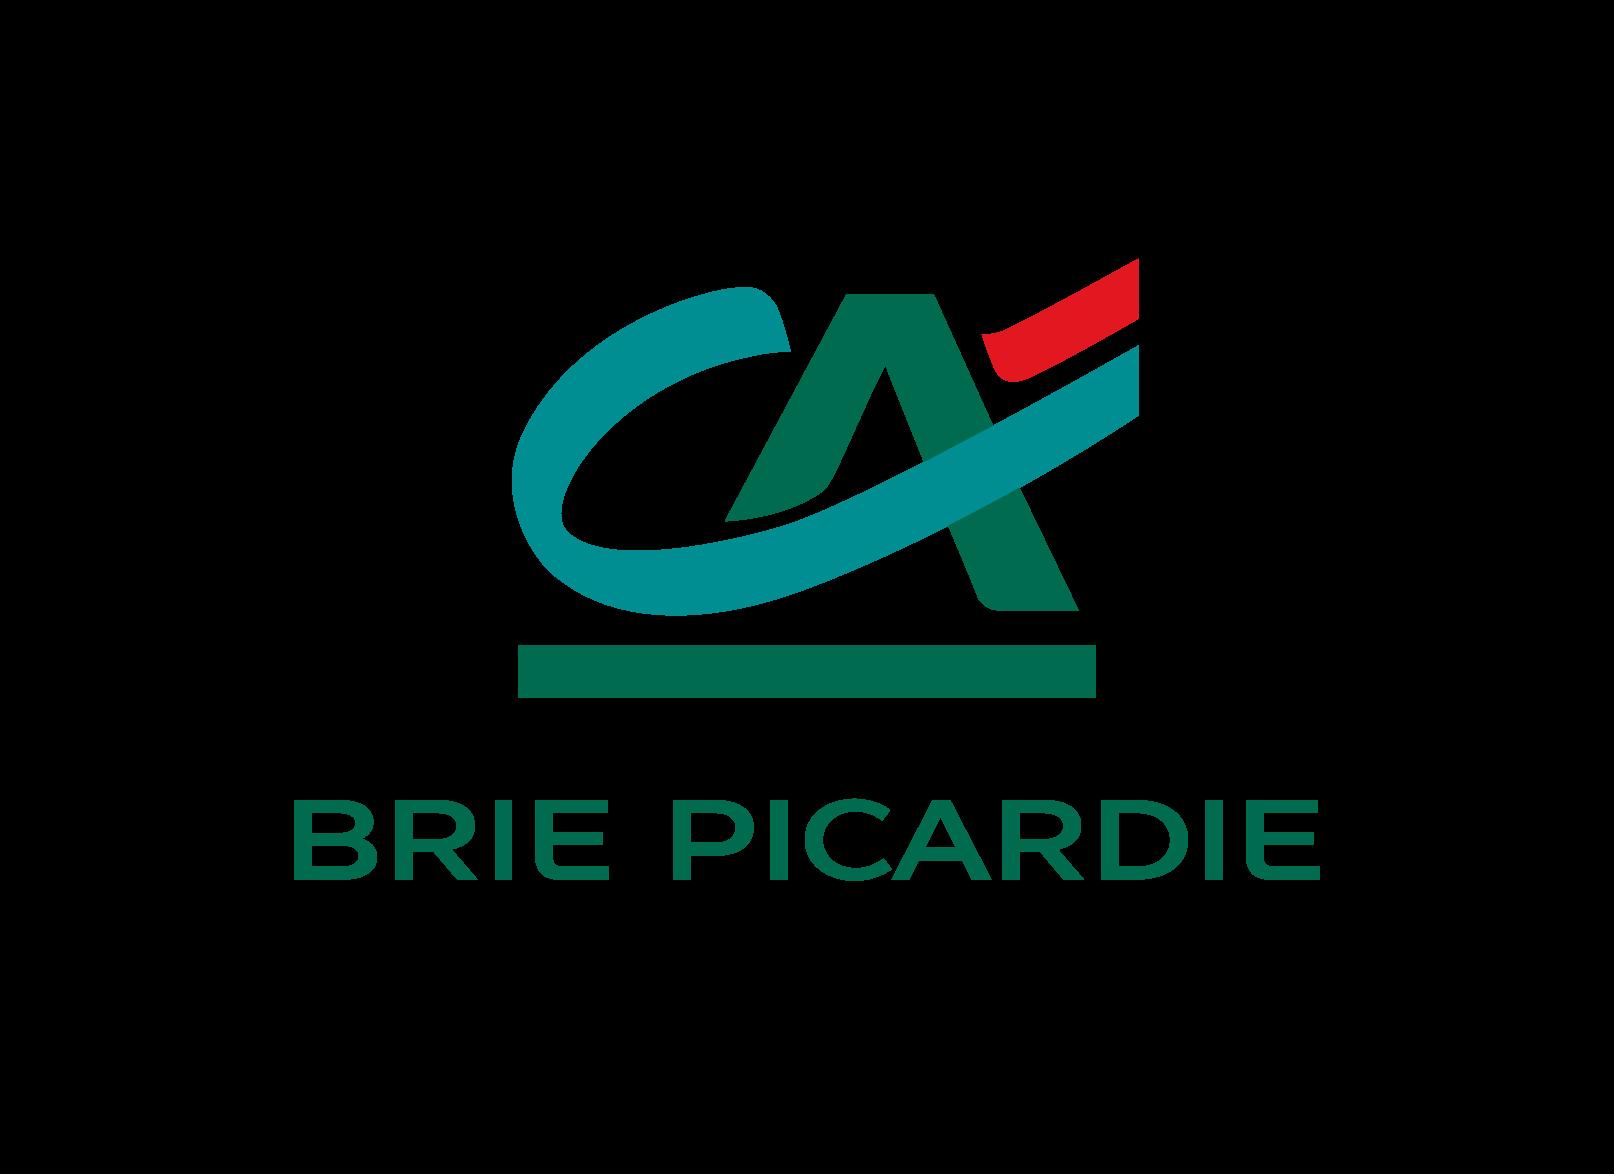 ca Brie-picardie